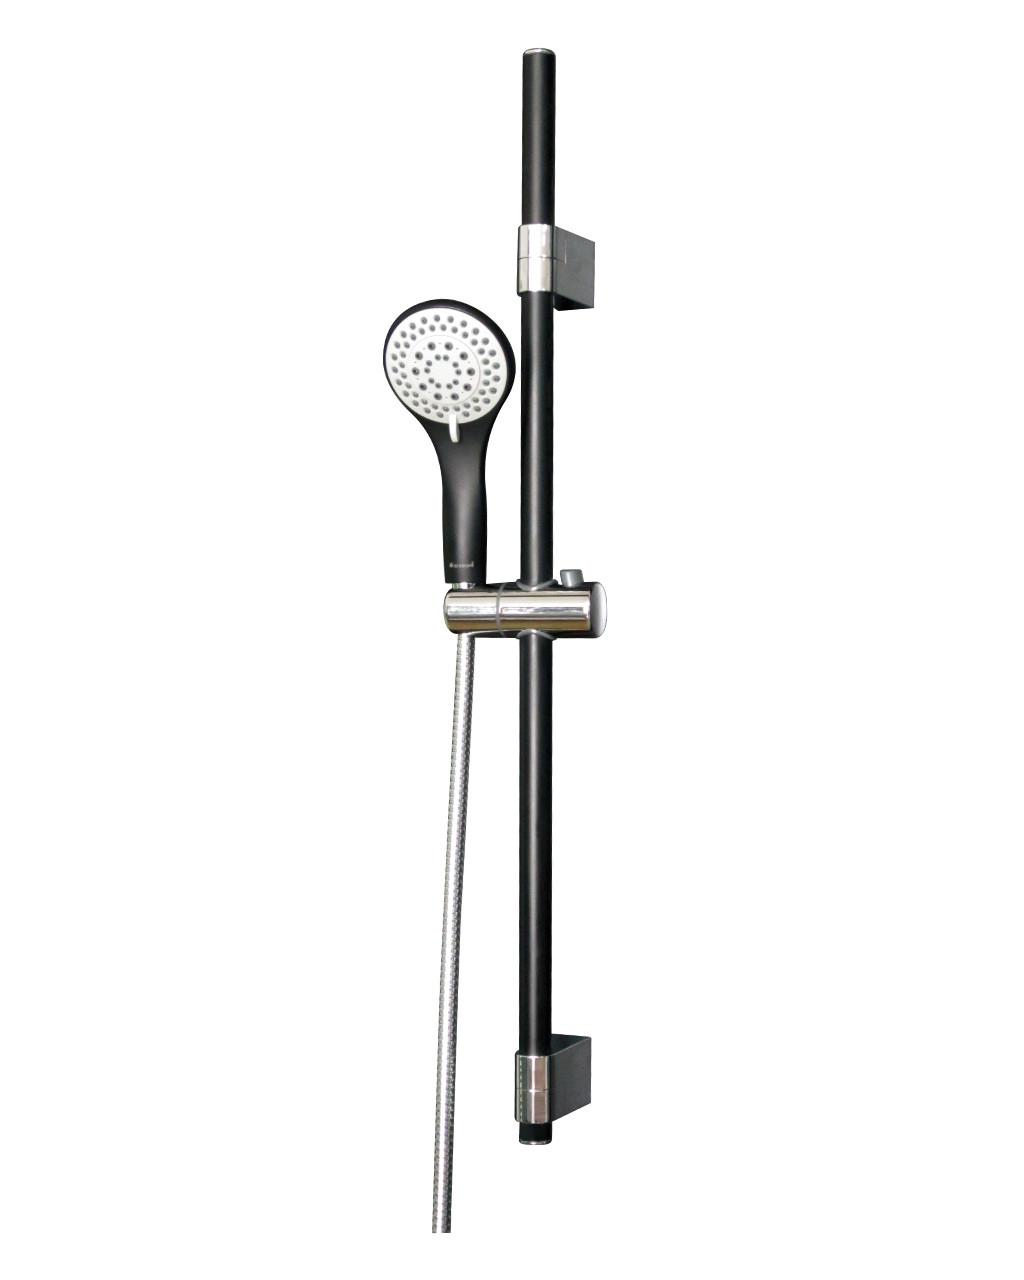 Штанга душевая (чёрная/хром)  L-78 см, ручной душ (чёрный) 3 режима, шланг, блистер IMPRESE 7810003B